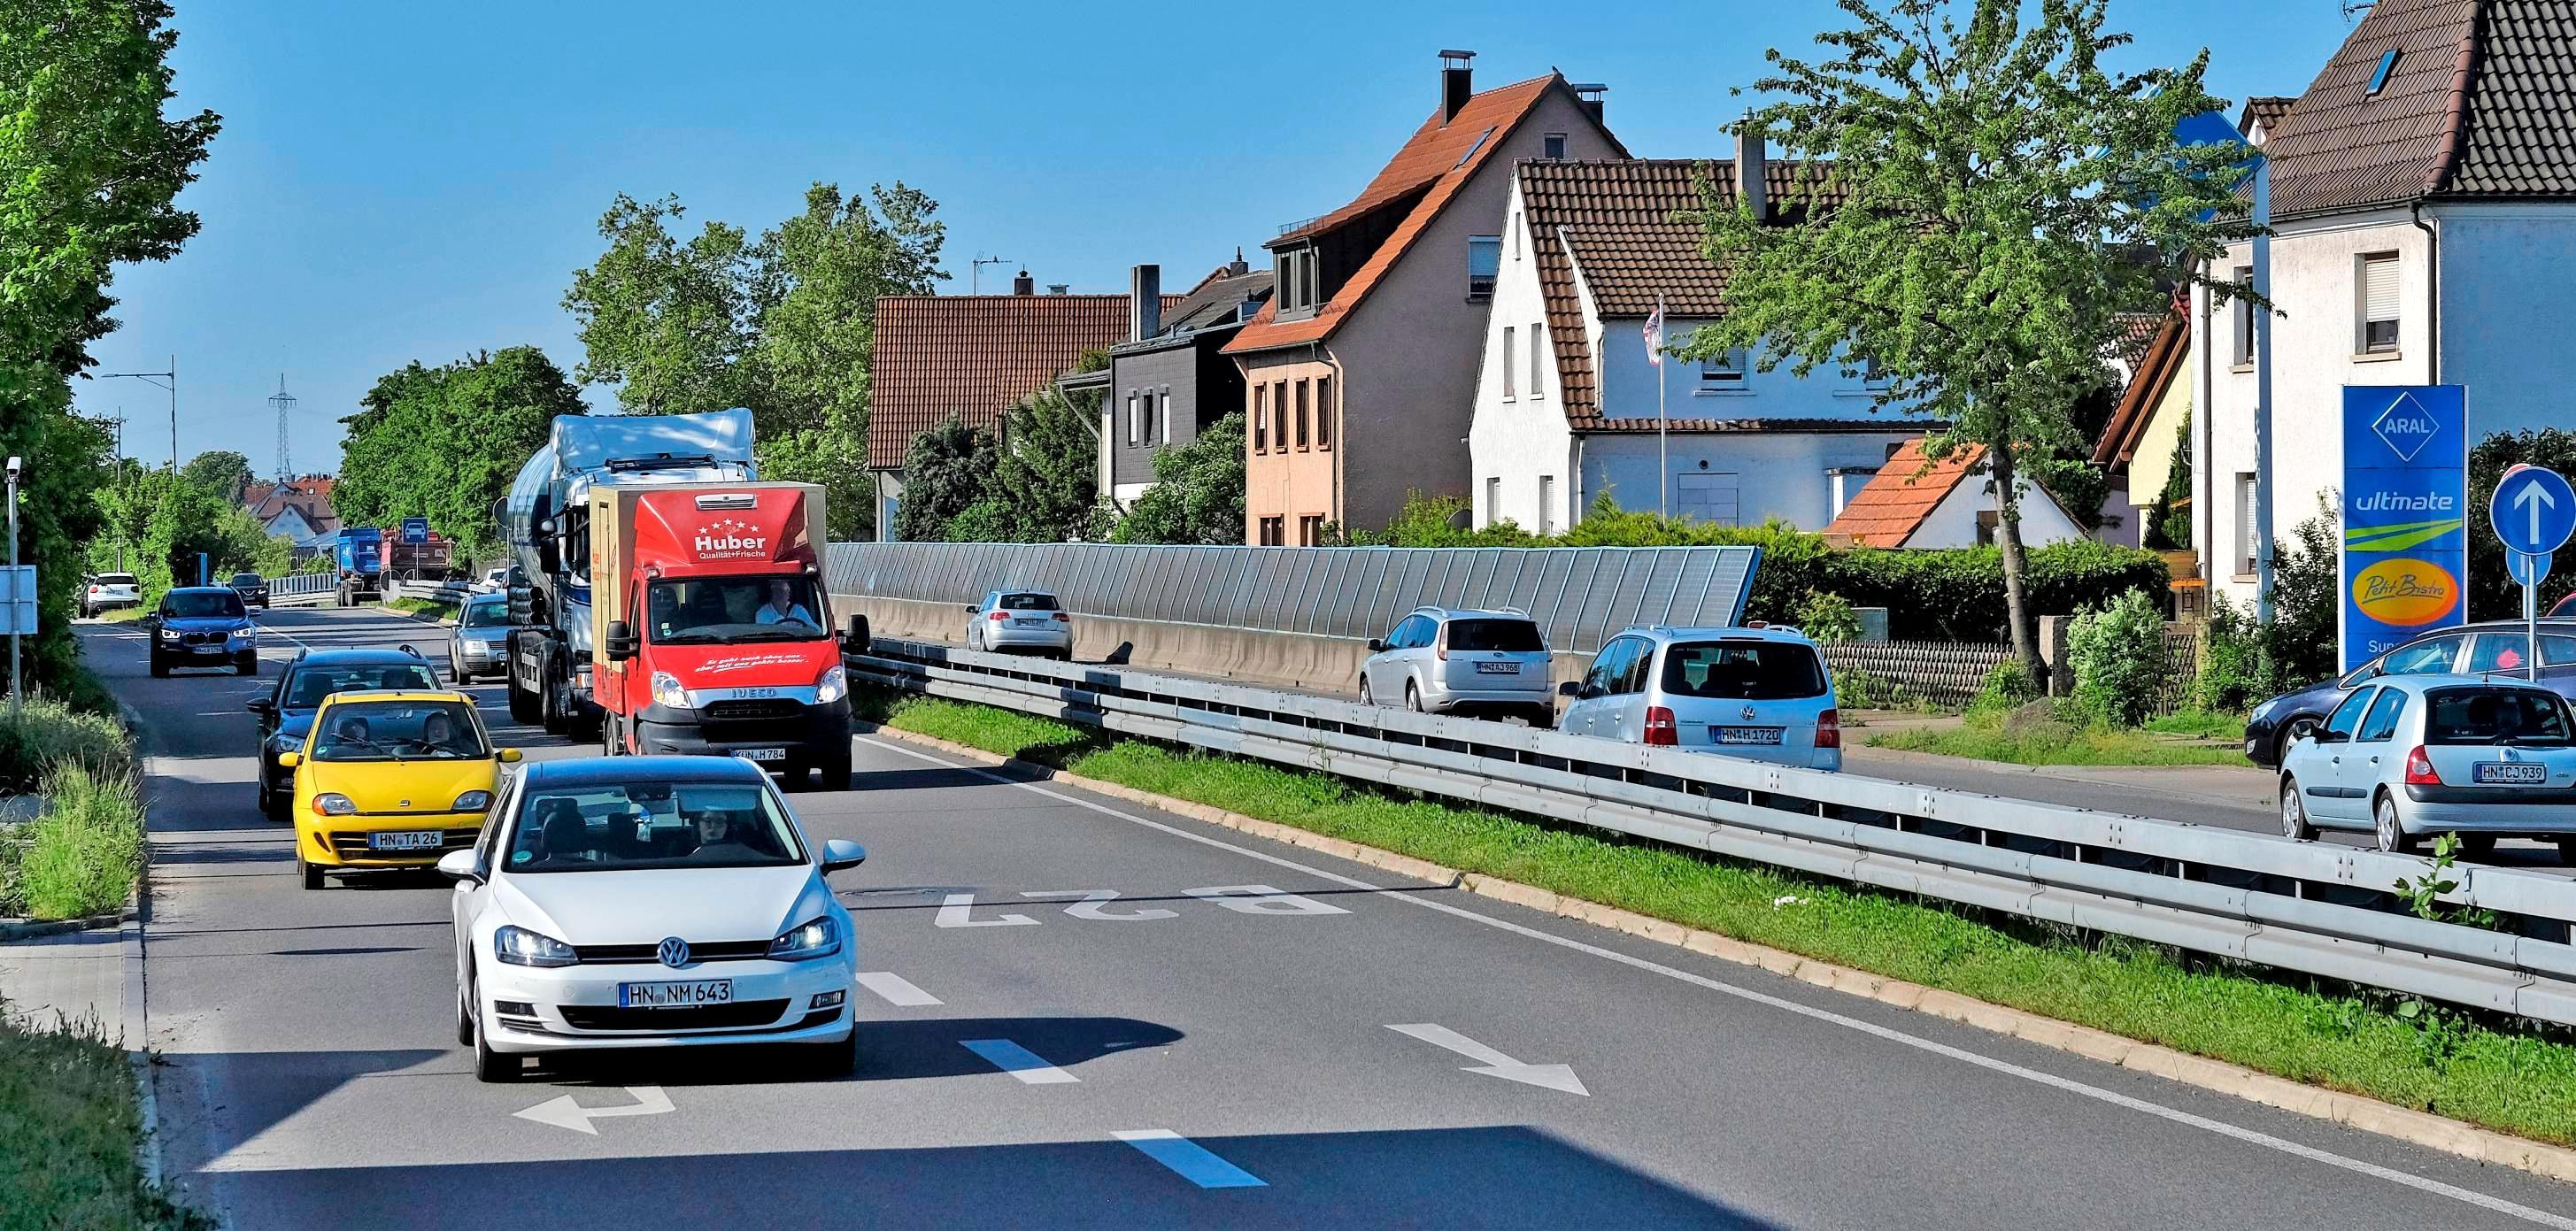 Am 22. September stimmen die Bürger über den B27-Anschluss Binswanger Straße ab, am Mittwoch, 11. September, um 18.30 Uhr gibt es vorab in der Ballei eine Informationsveranstaltung. Foto: Mugler